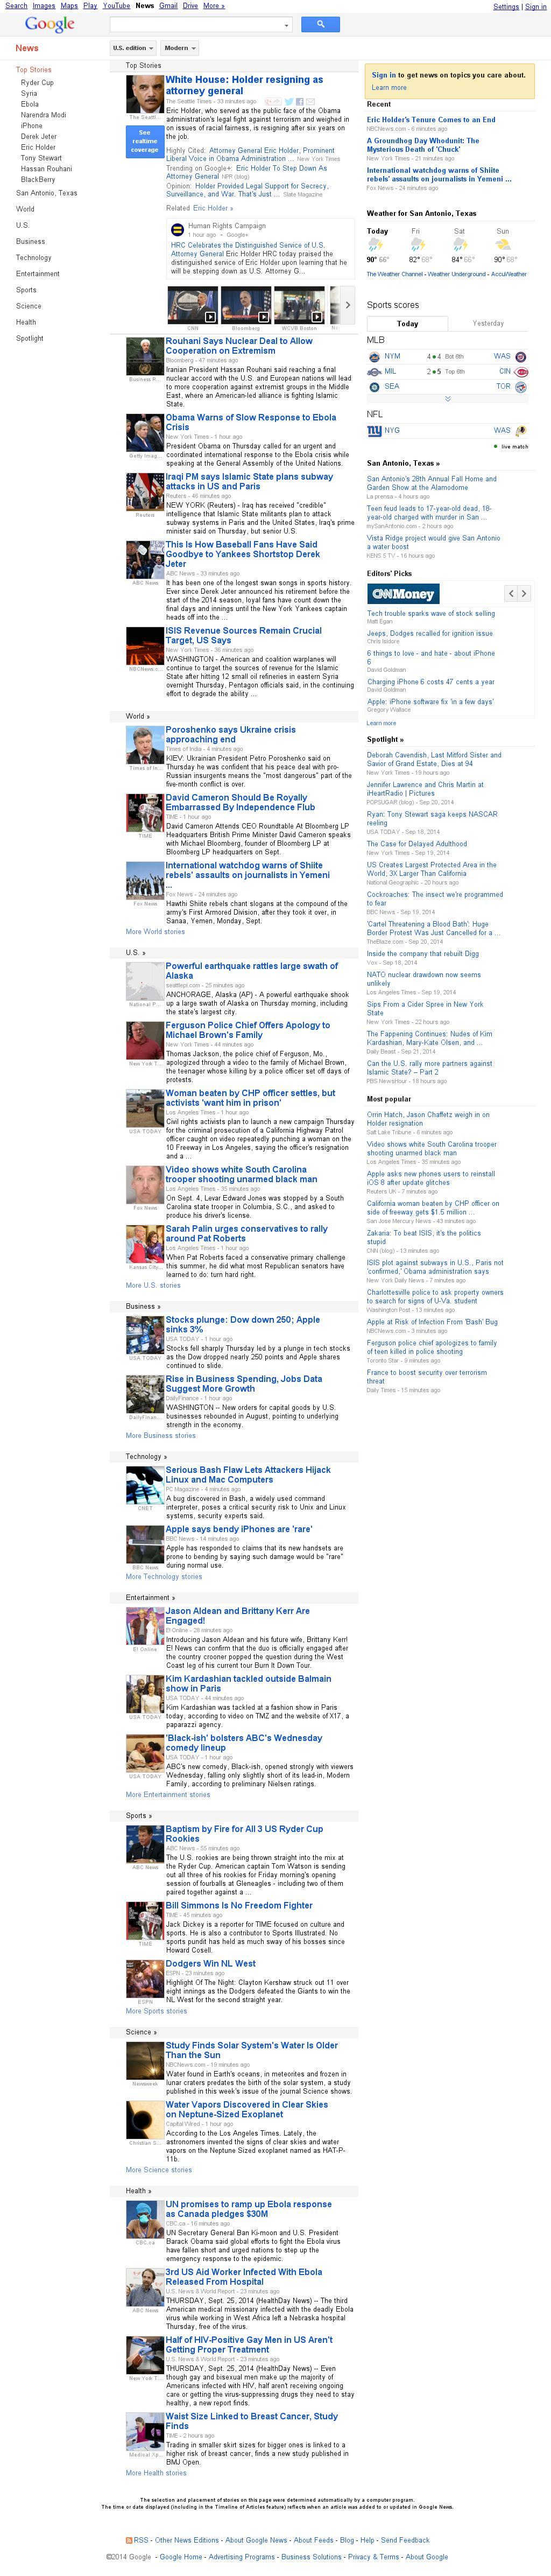 Google News at Thursday Sept. 25, 2014, 7:08 p.m. UTC